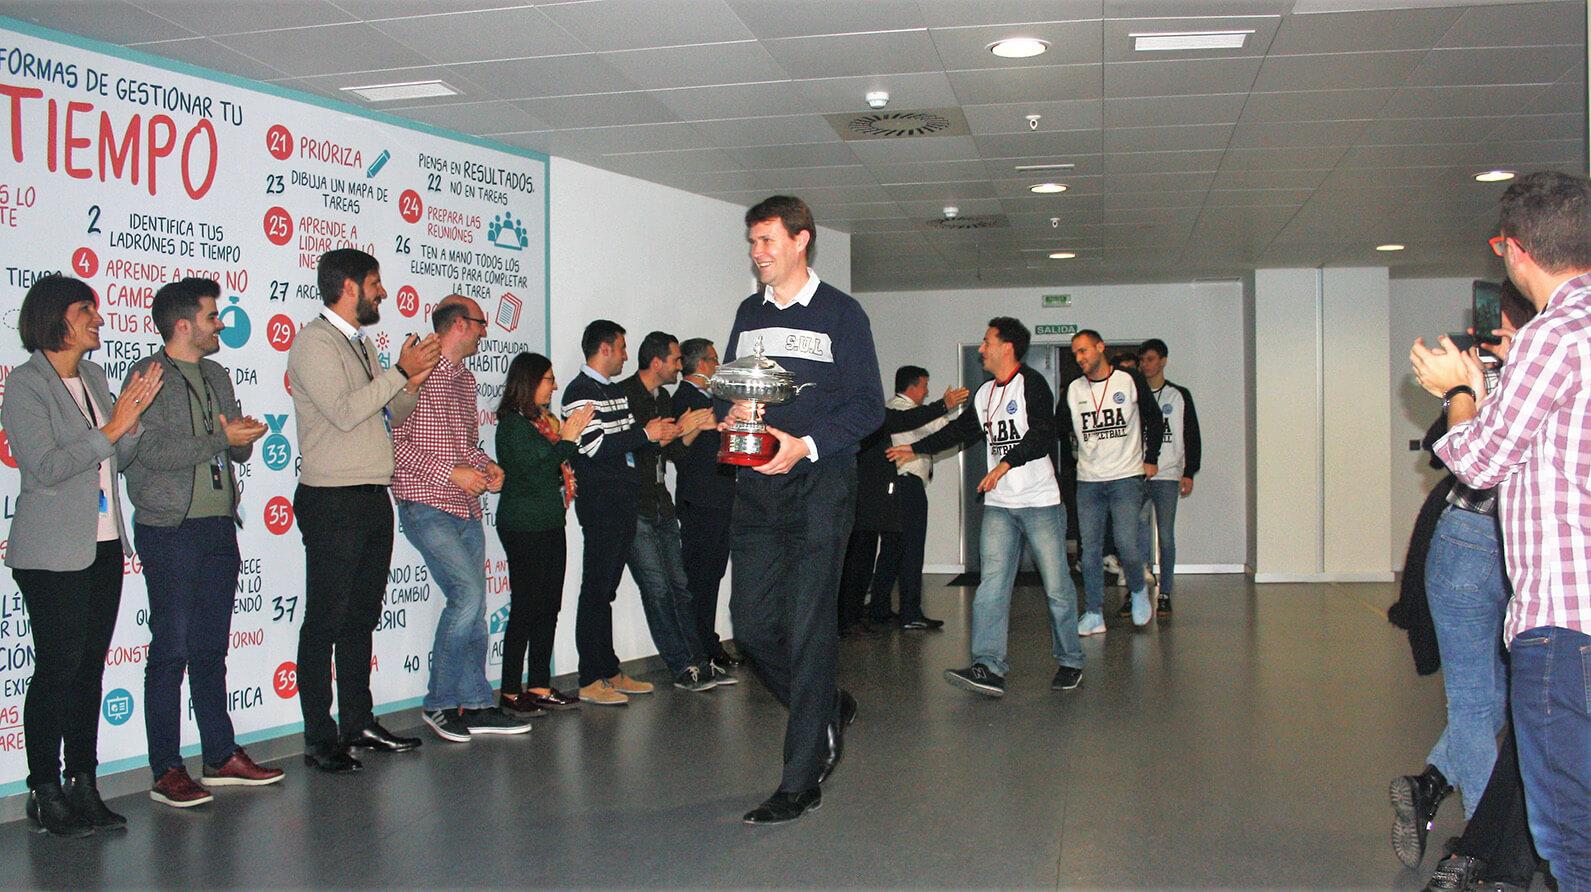 10 años y una Copa: Fundación Lucentum visita a Meridiano en su primera década junto al club